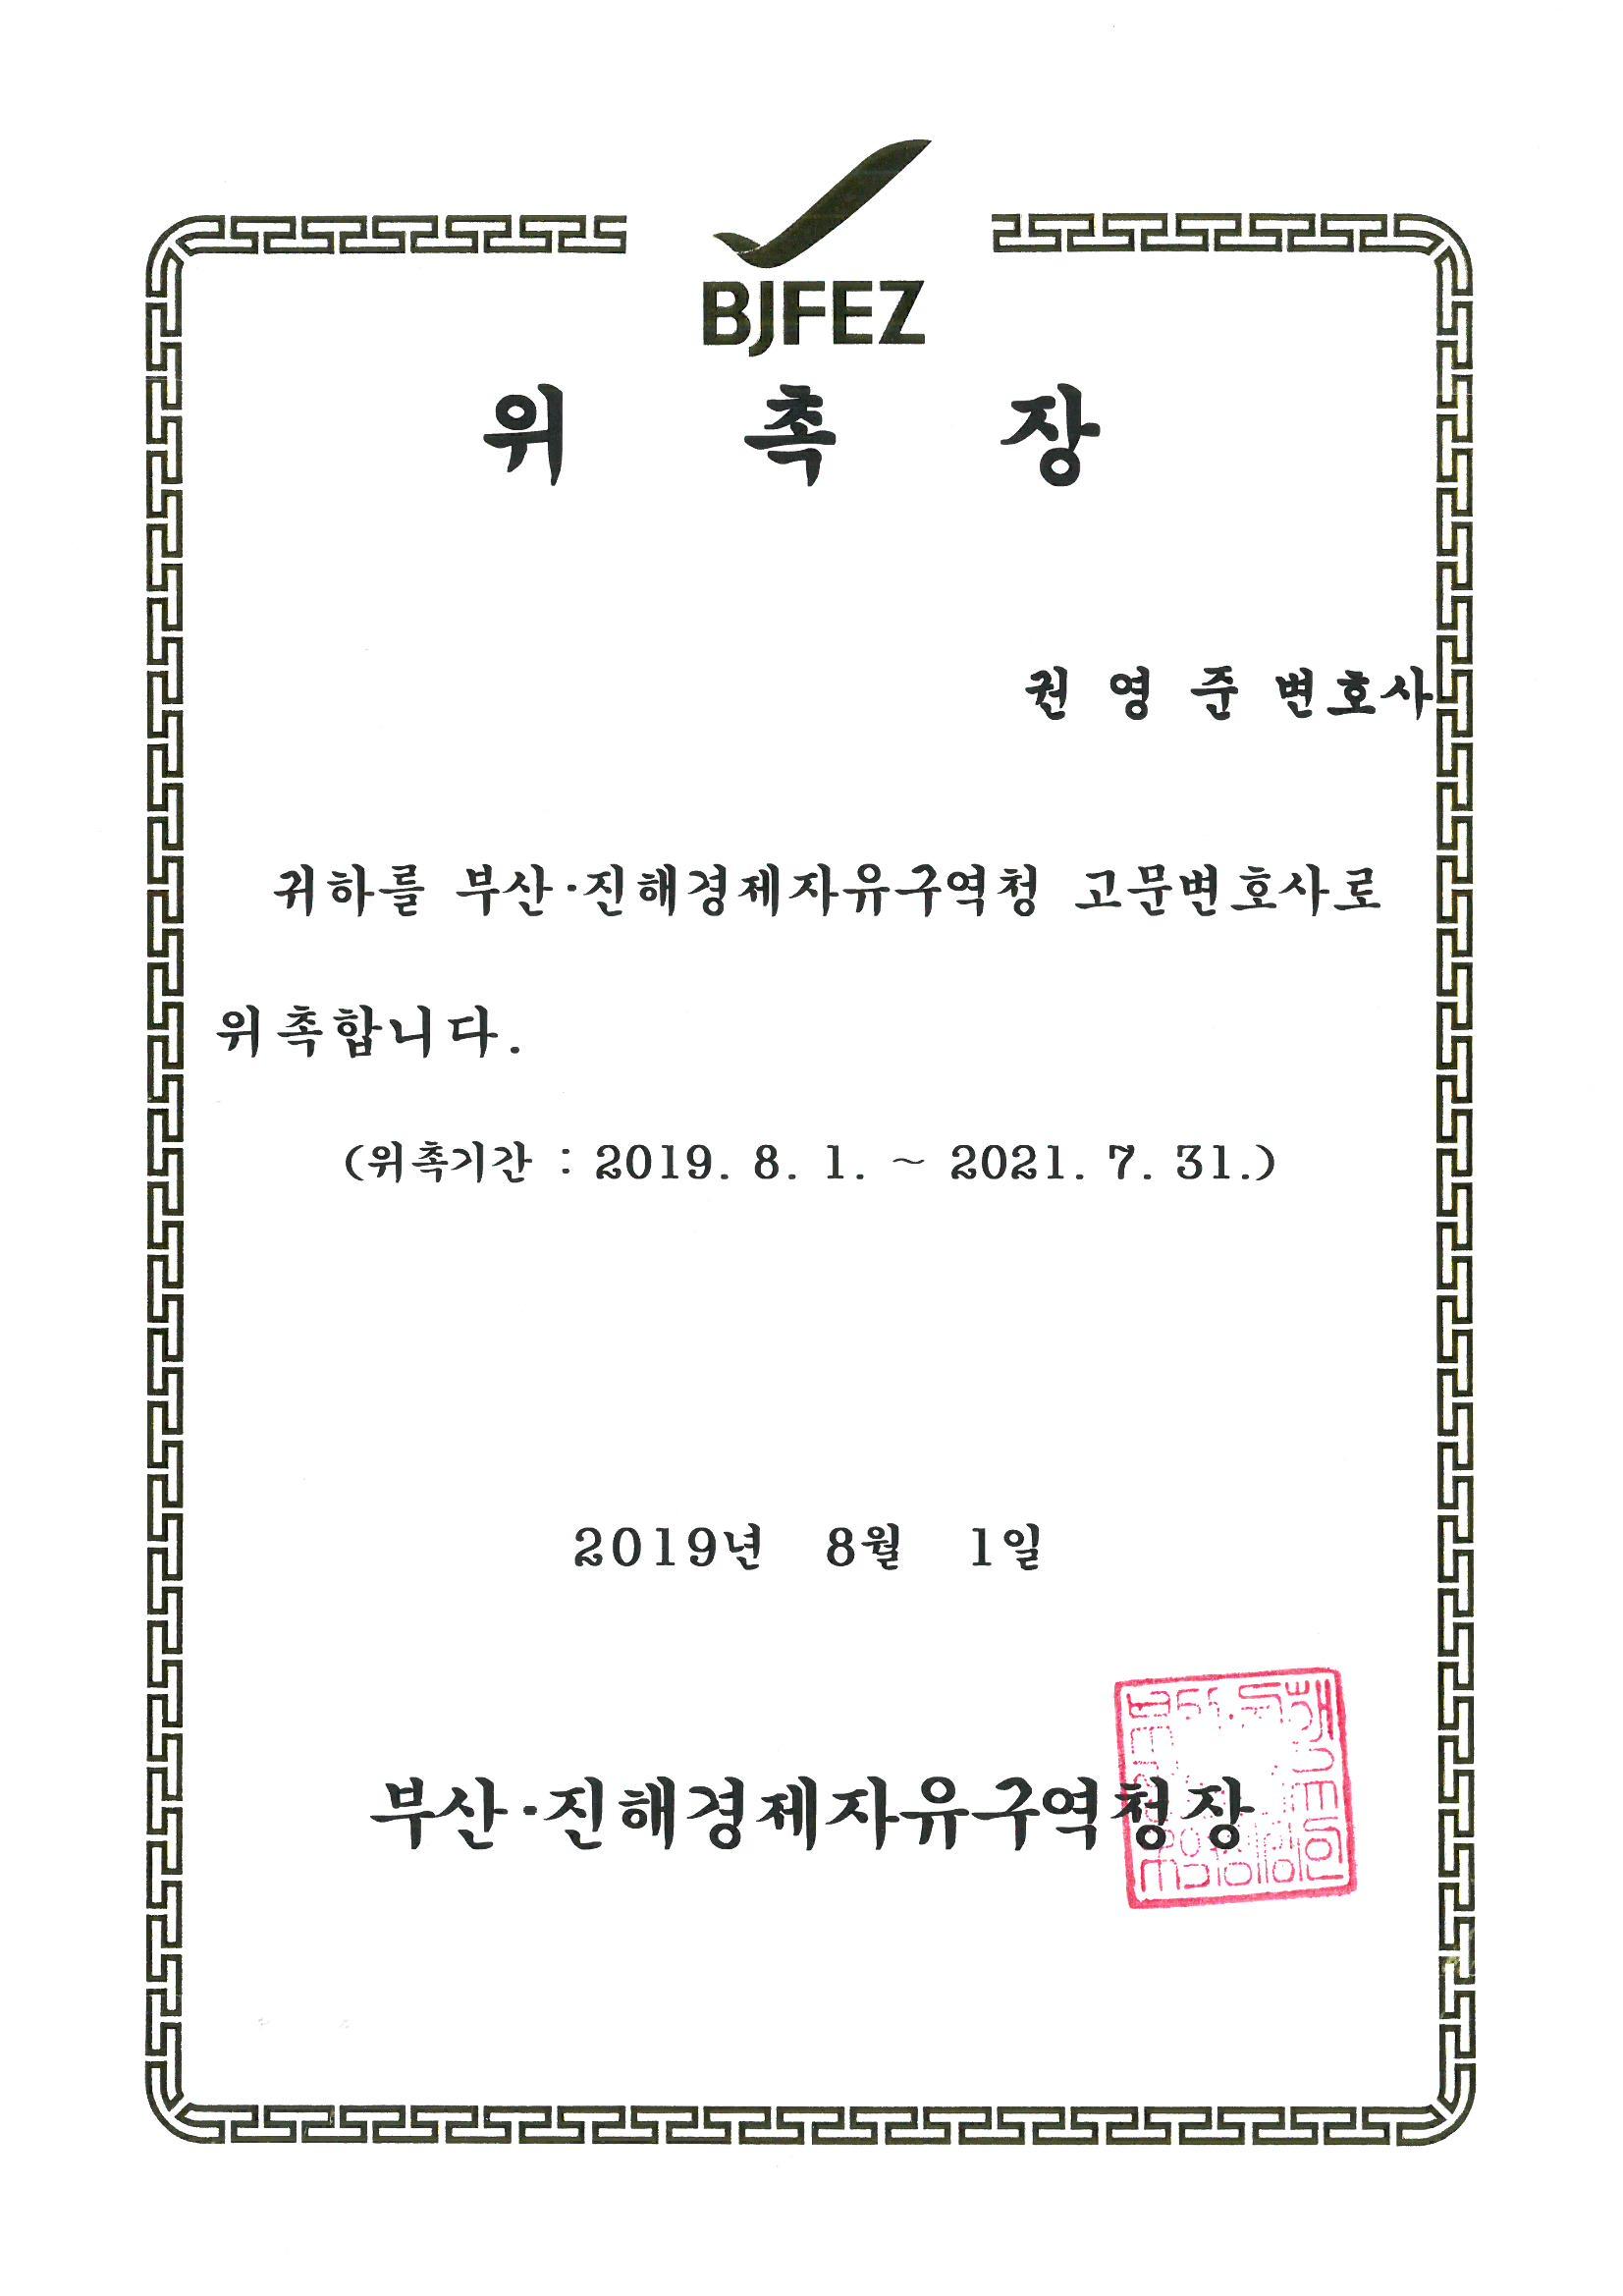 부산진해경제자유구역청고문위촉_0001.jpg